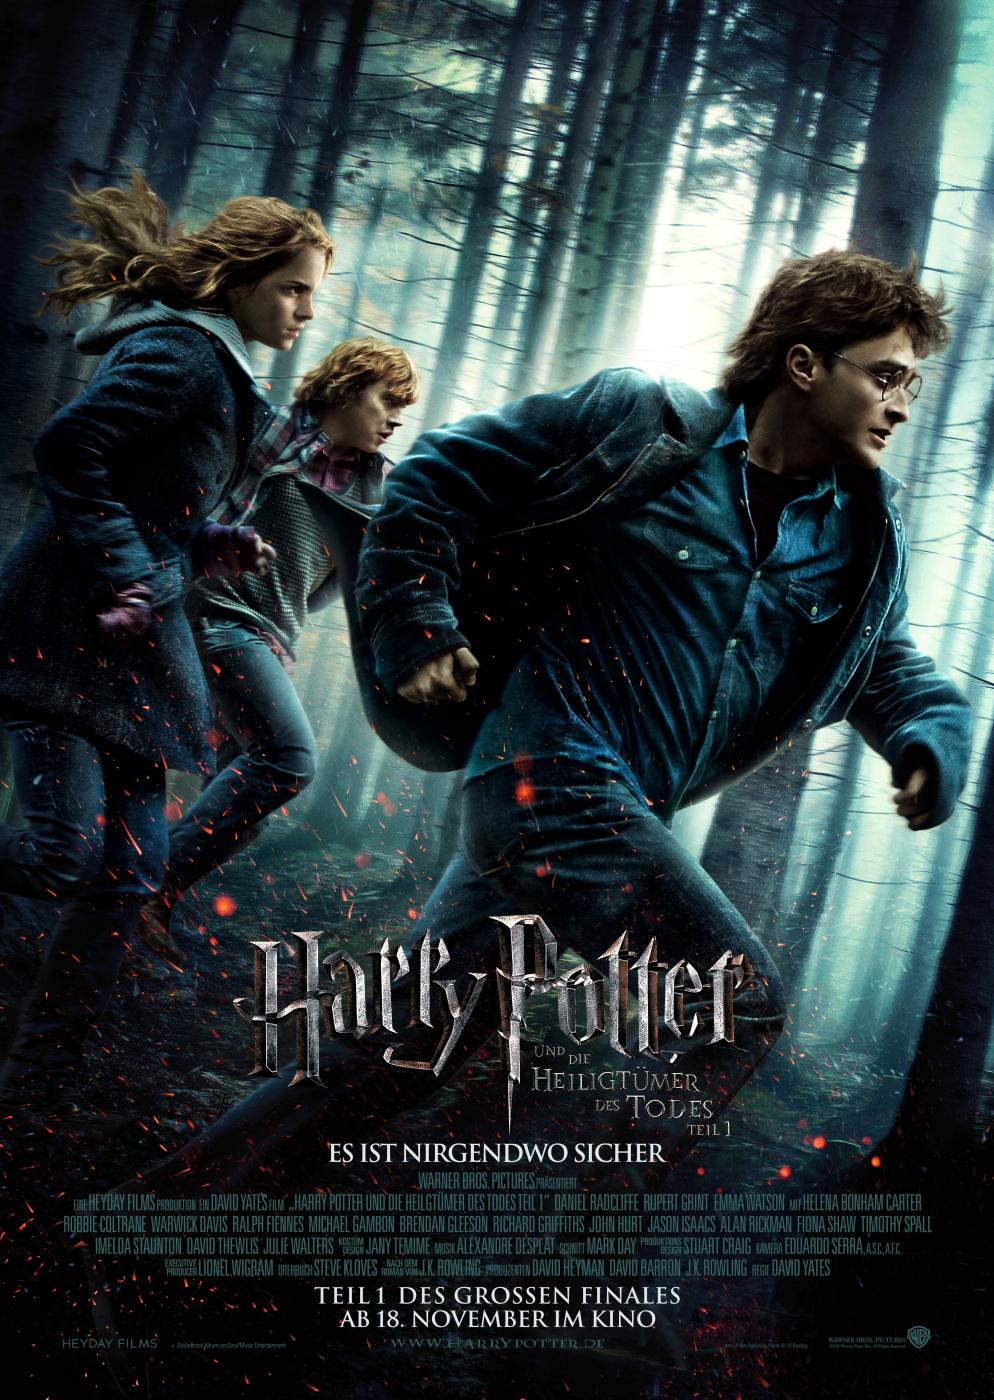 Harry Potter Und Die Heiligtümer Des Todes Teil 1 Movie4k